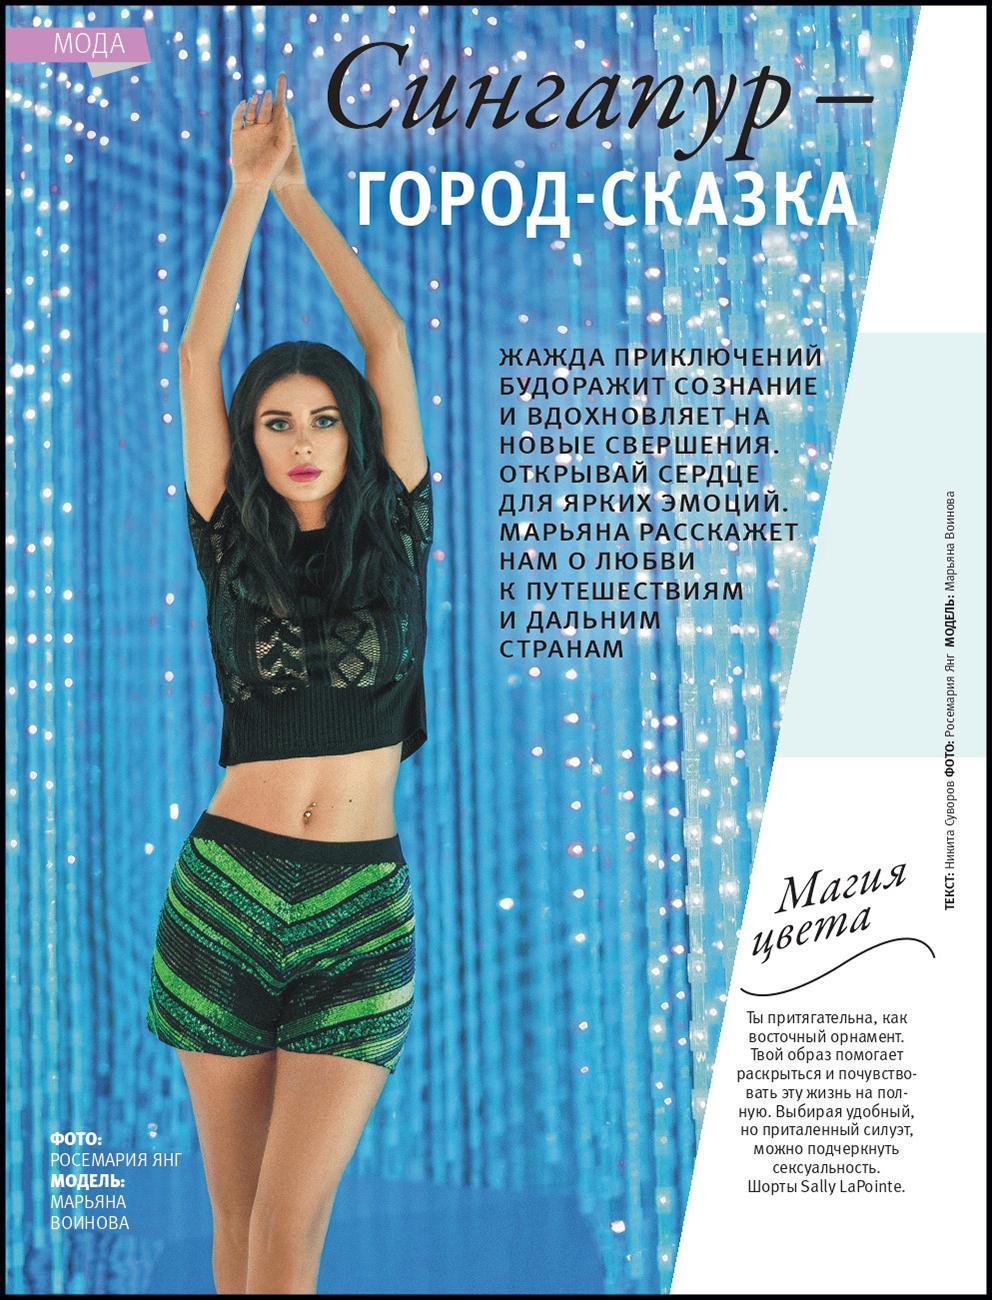 Mariana Voinova for JOY